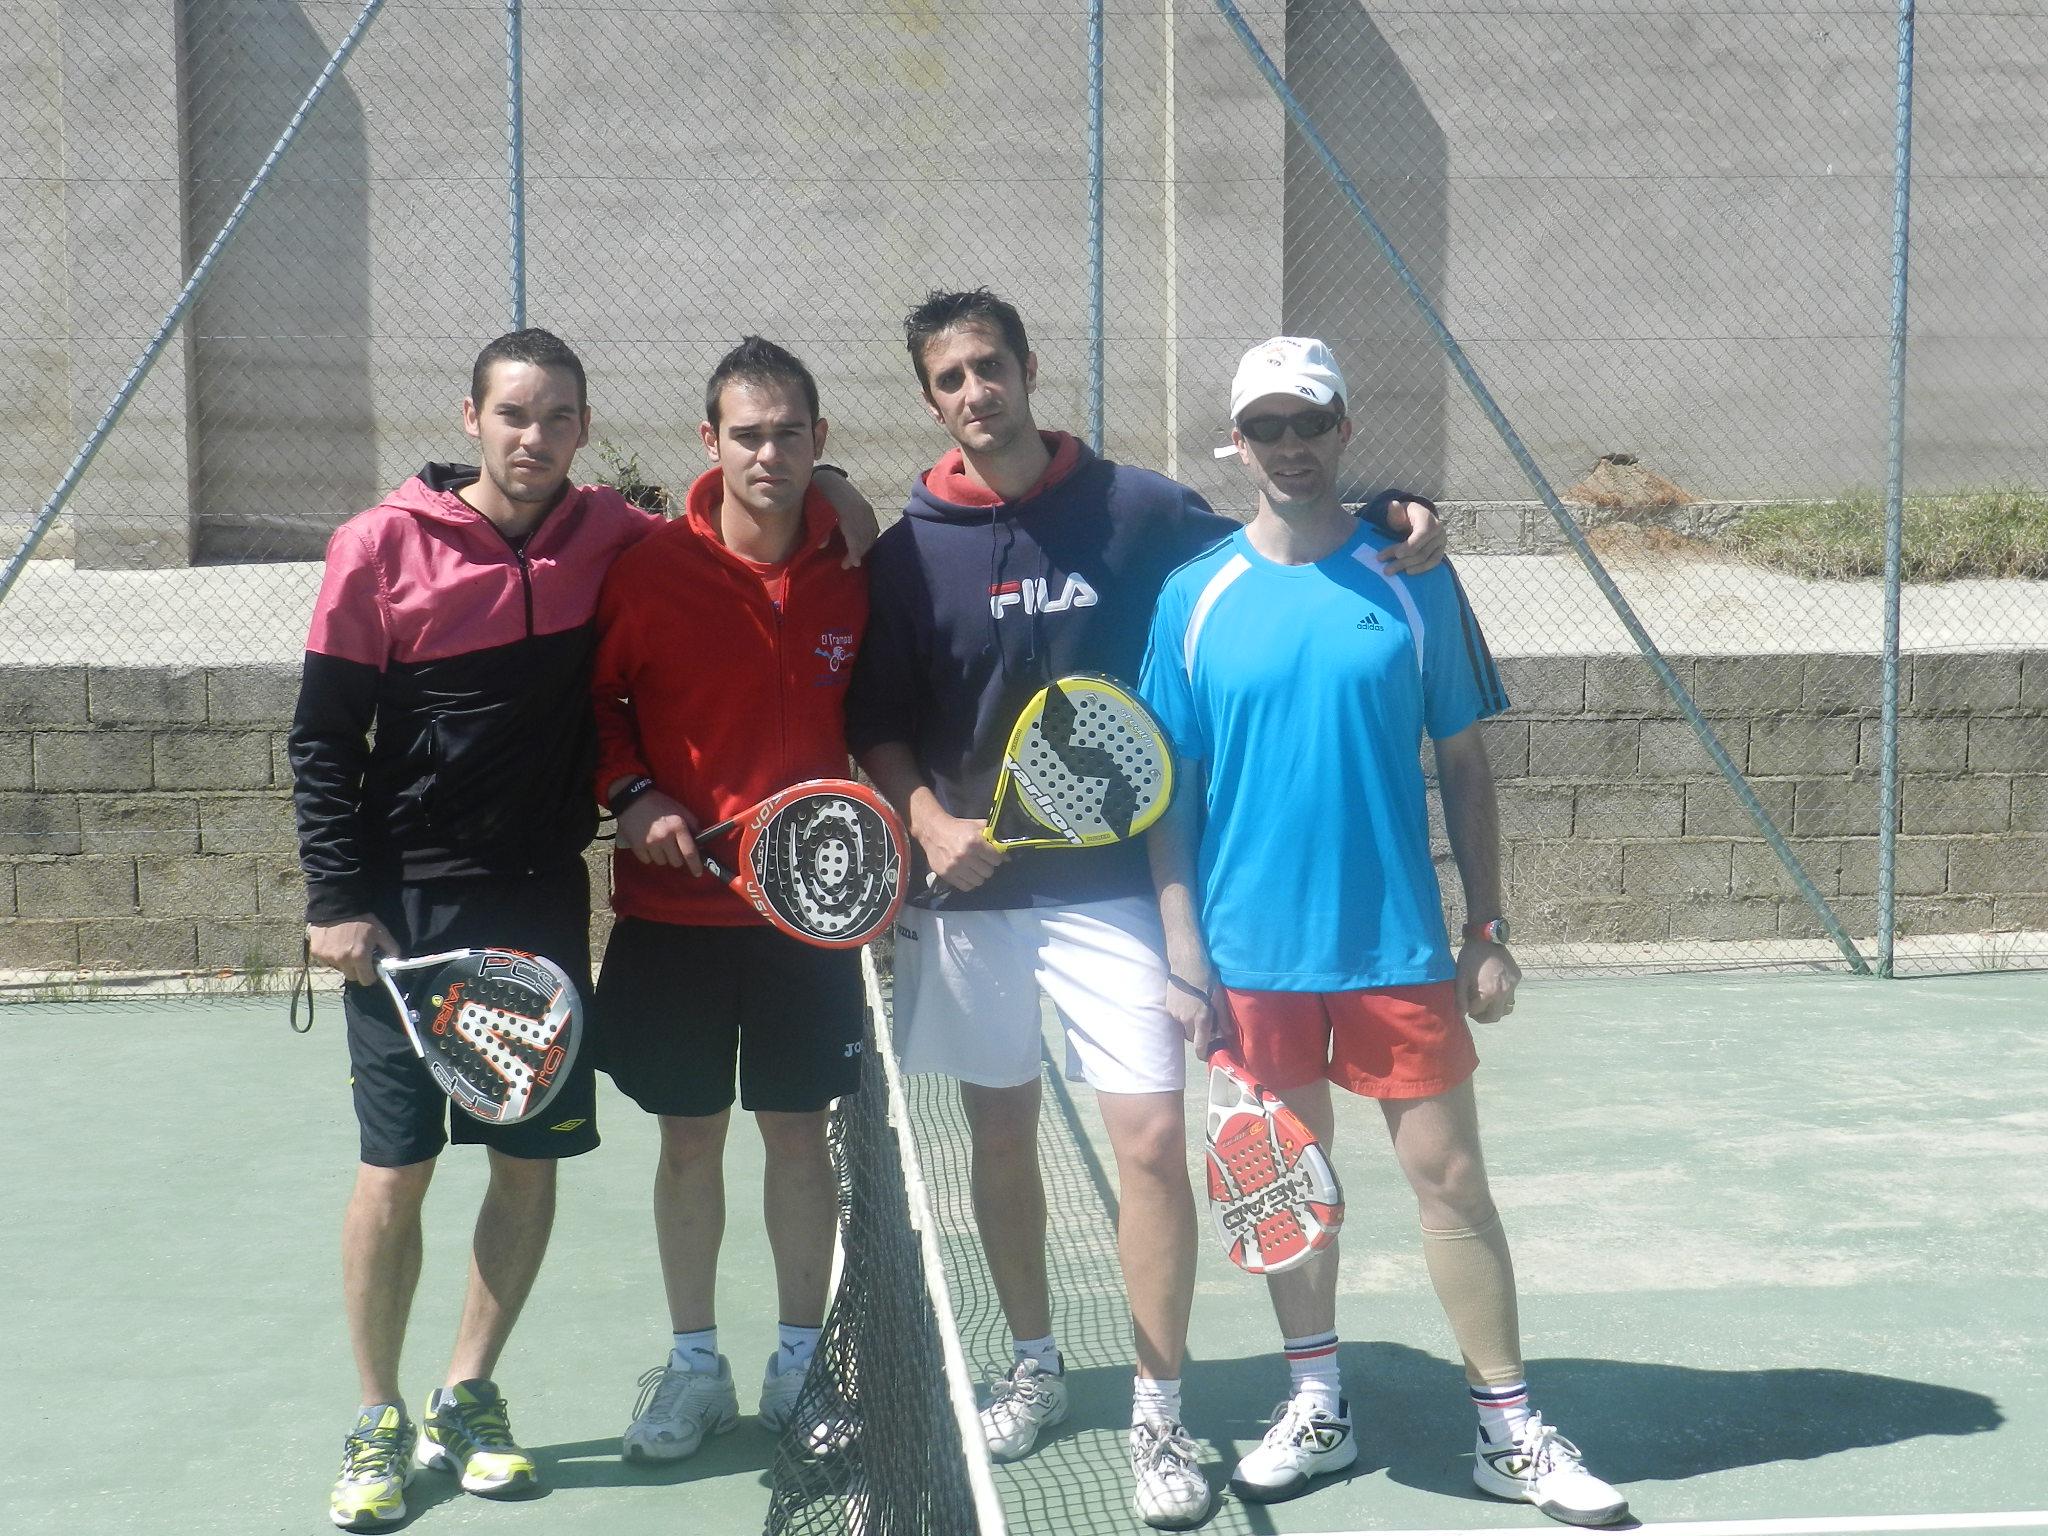 Los hermanos Rubén y Eduardo Quintero, ganadores del I Trofeo de Padel en Arroyo